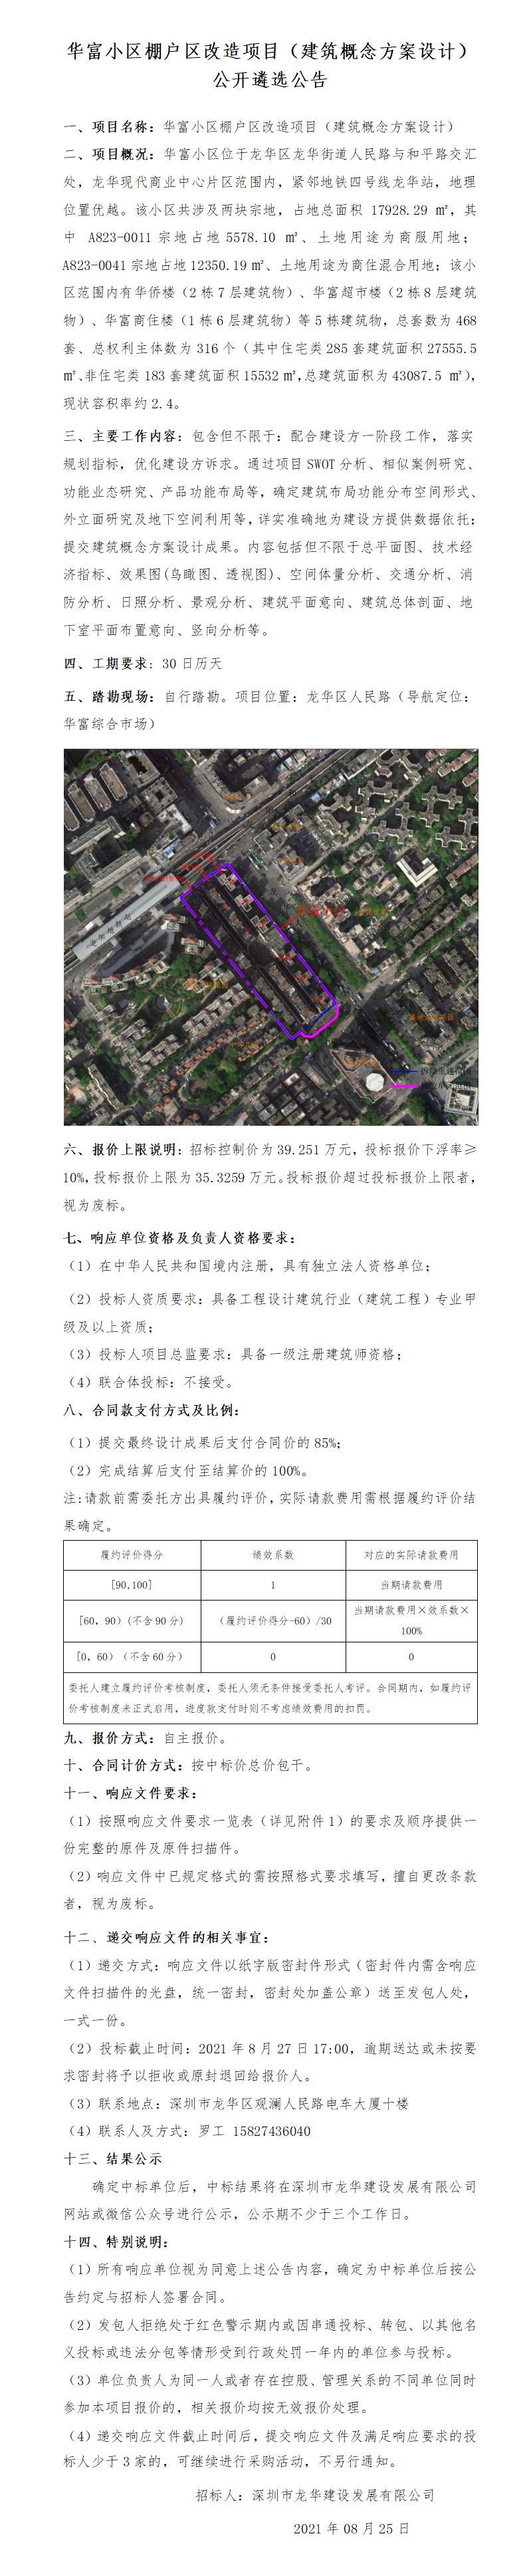 华富小区棚户区改造项目(建筑概念方案设计) 公开遴选公告